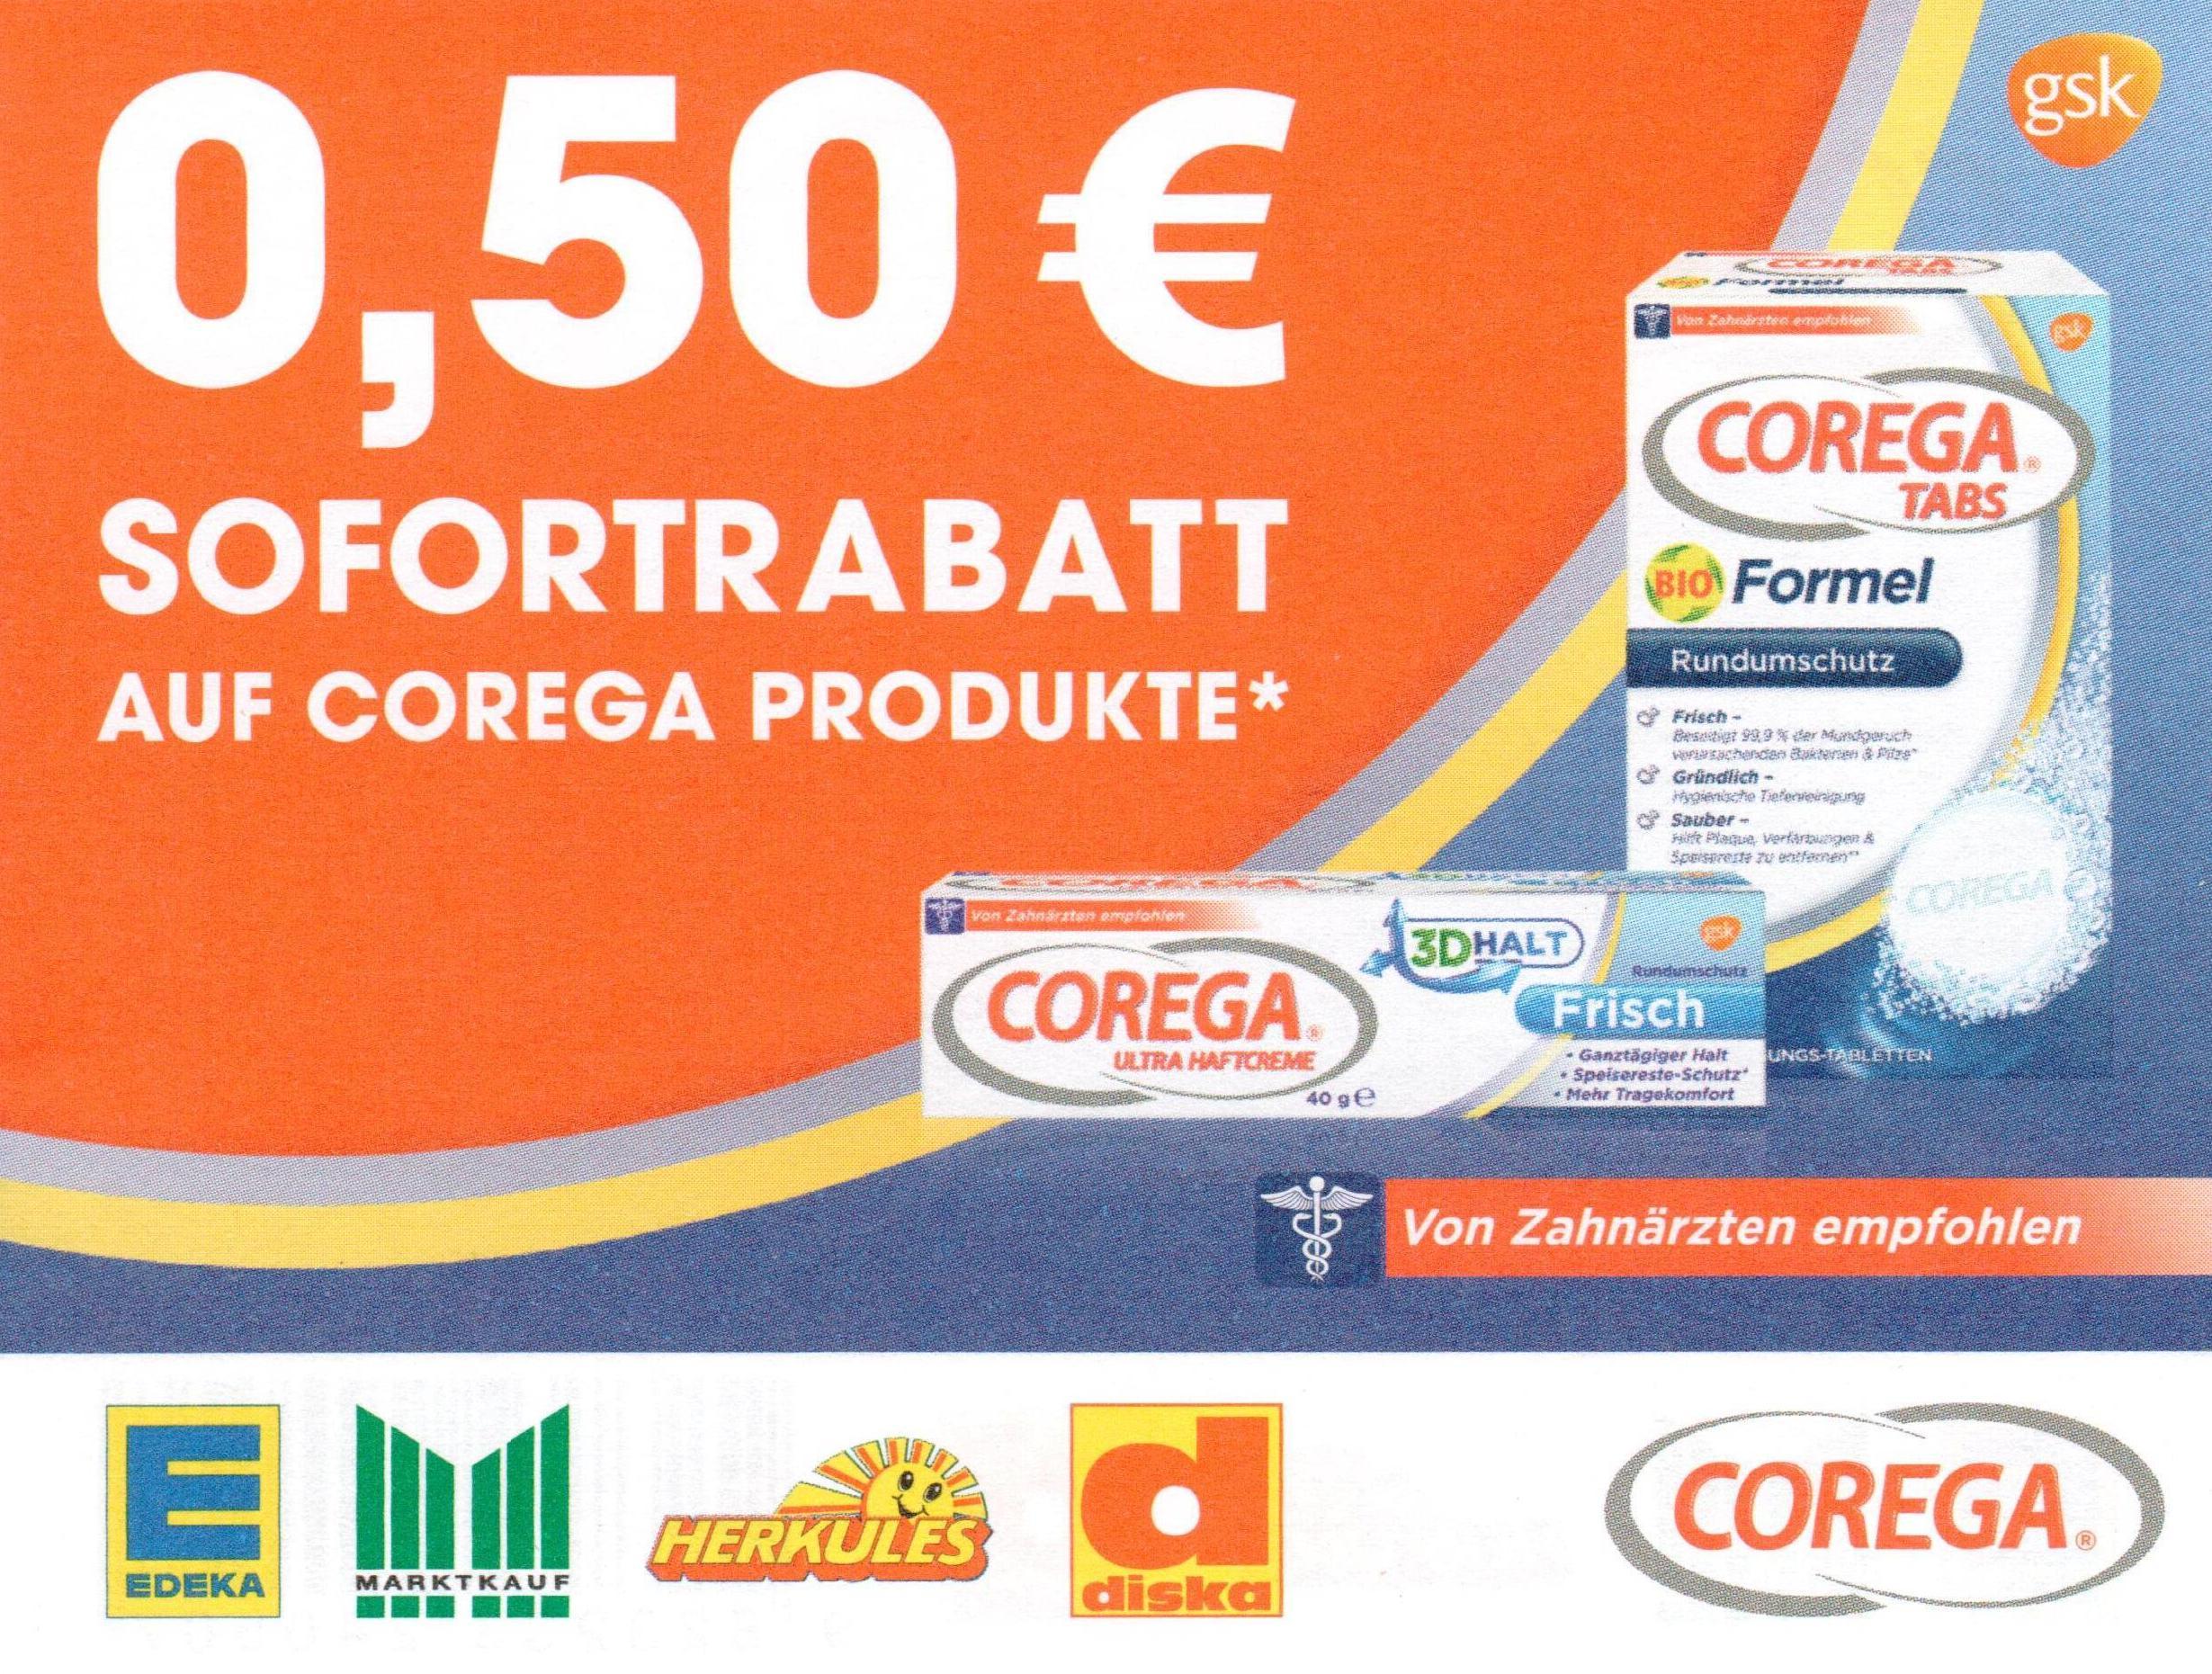 0,50€ Sofort-Rabatt-Coupon für versch. Corega Produkte bis 31.03.2018